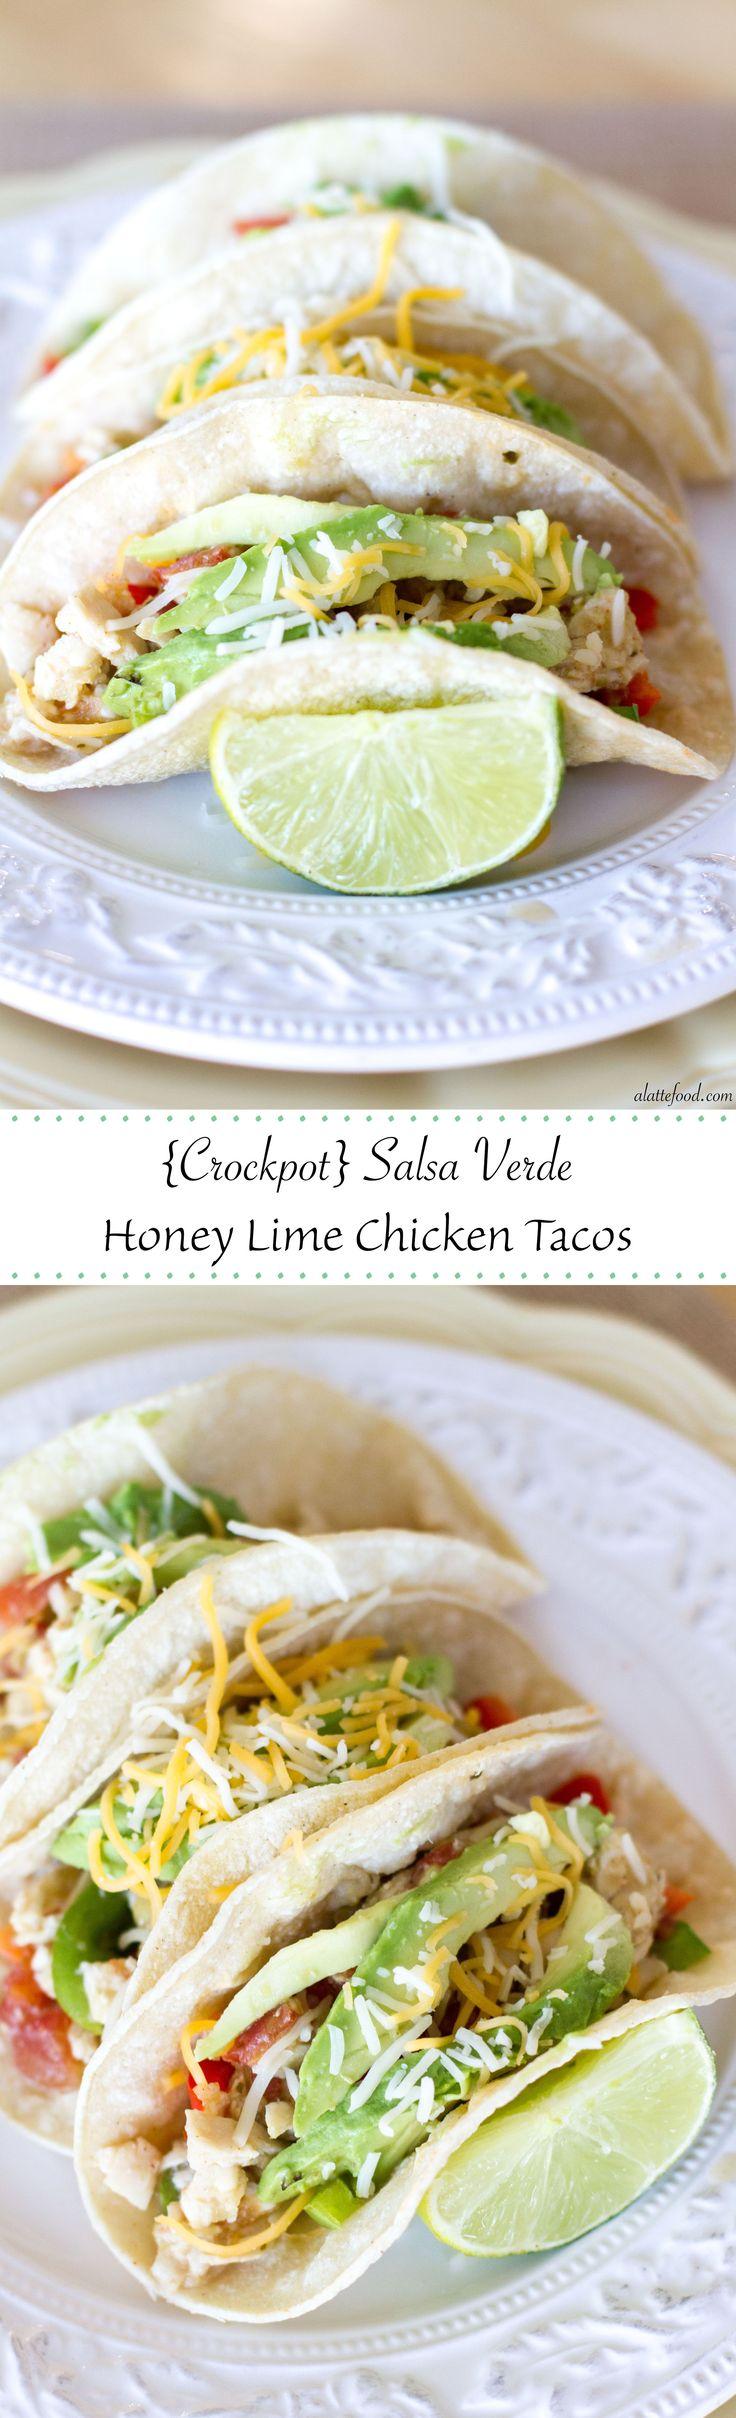 programme du r gime crockpot tacos de poulet au miel et la lime salsa verde une recette. Black Bedroom Furniture Sets. Home Design Ideas